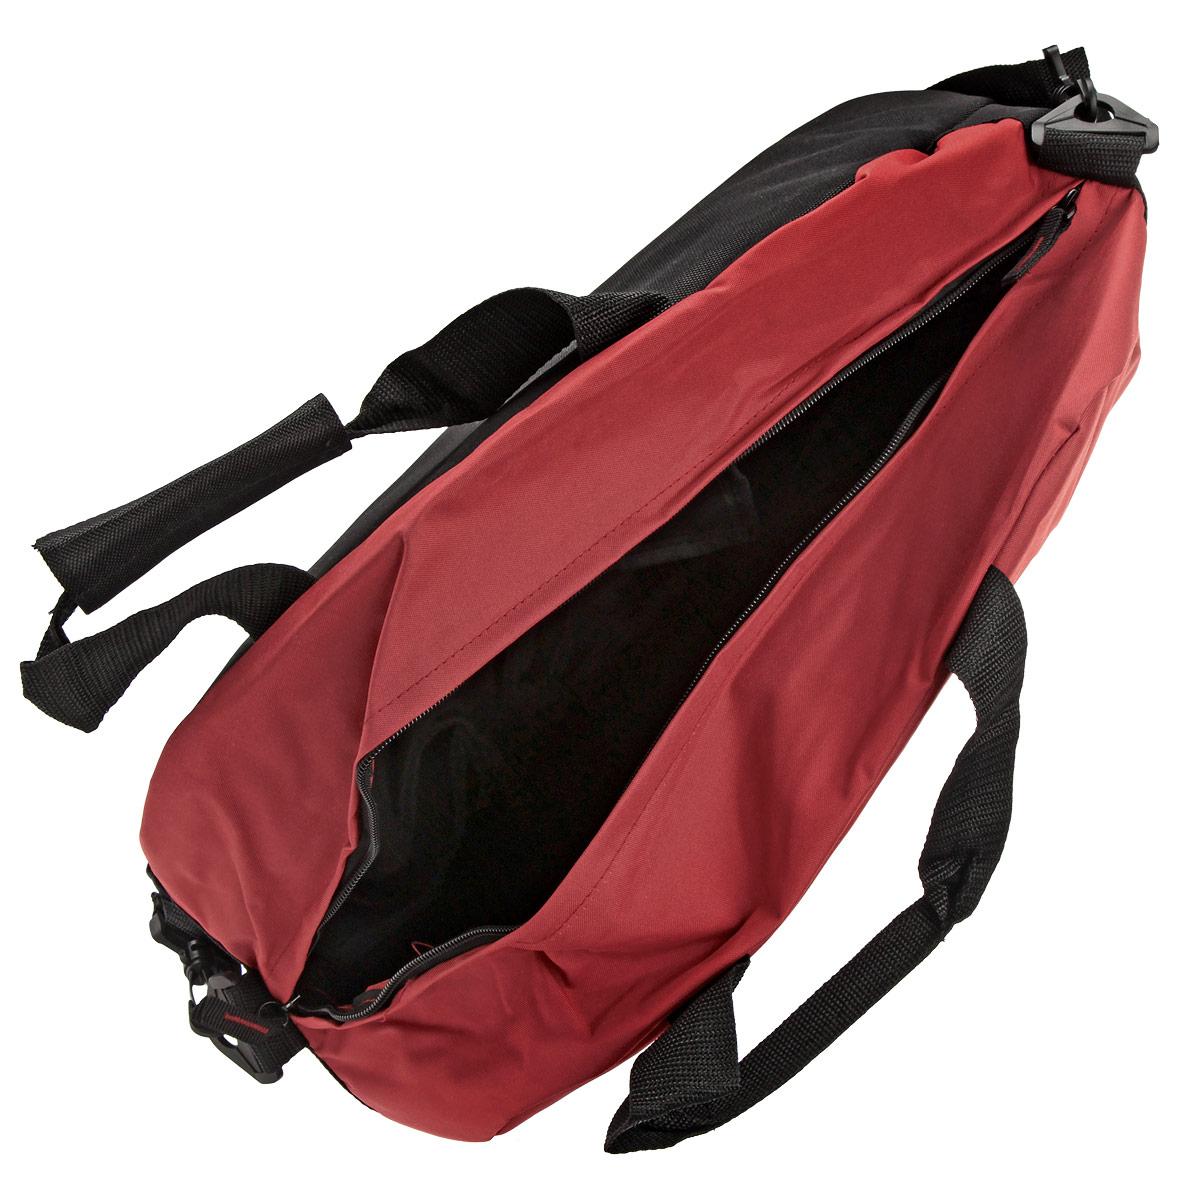 Спортивная сумка Angry Birds предназначена для переноски спортивных вещей, обуви и инвентаря. Сумка выполнена из прочного полиэстера и оформлена ярким принтом с изображением героев игры Angry Birds. Сумка имеет одно вместительное отделение, закрывающееся на застежку-молнию. Внутри находятся один карман на молнии и два небольших открытых кармашка под мобильный телефон. Спортивная сумка оснащена двумя текстильными ручками для переноски в руке и плечевым ремнем, регулируемым по длине. В этой сумке ваш ребенок с удовольствием будет носить свои вещи и спортивный инвентарь.